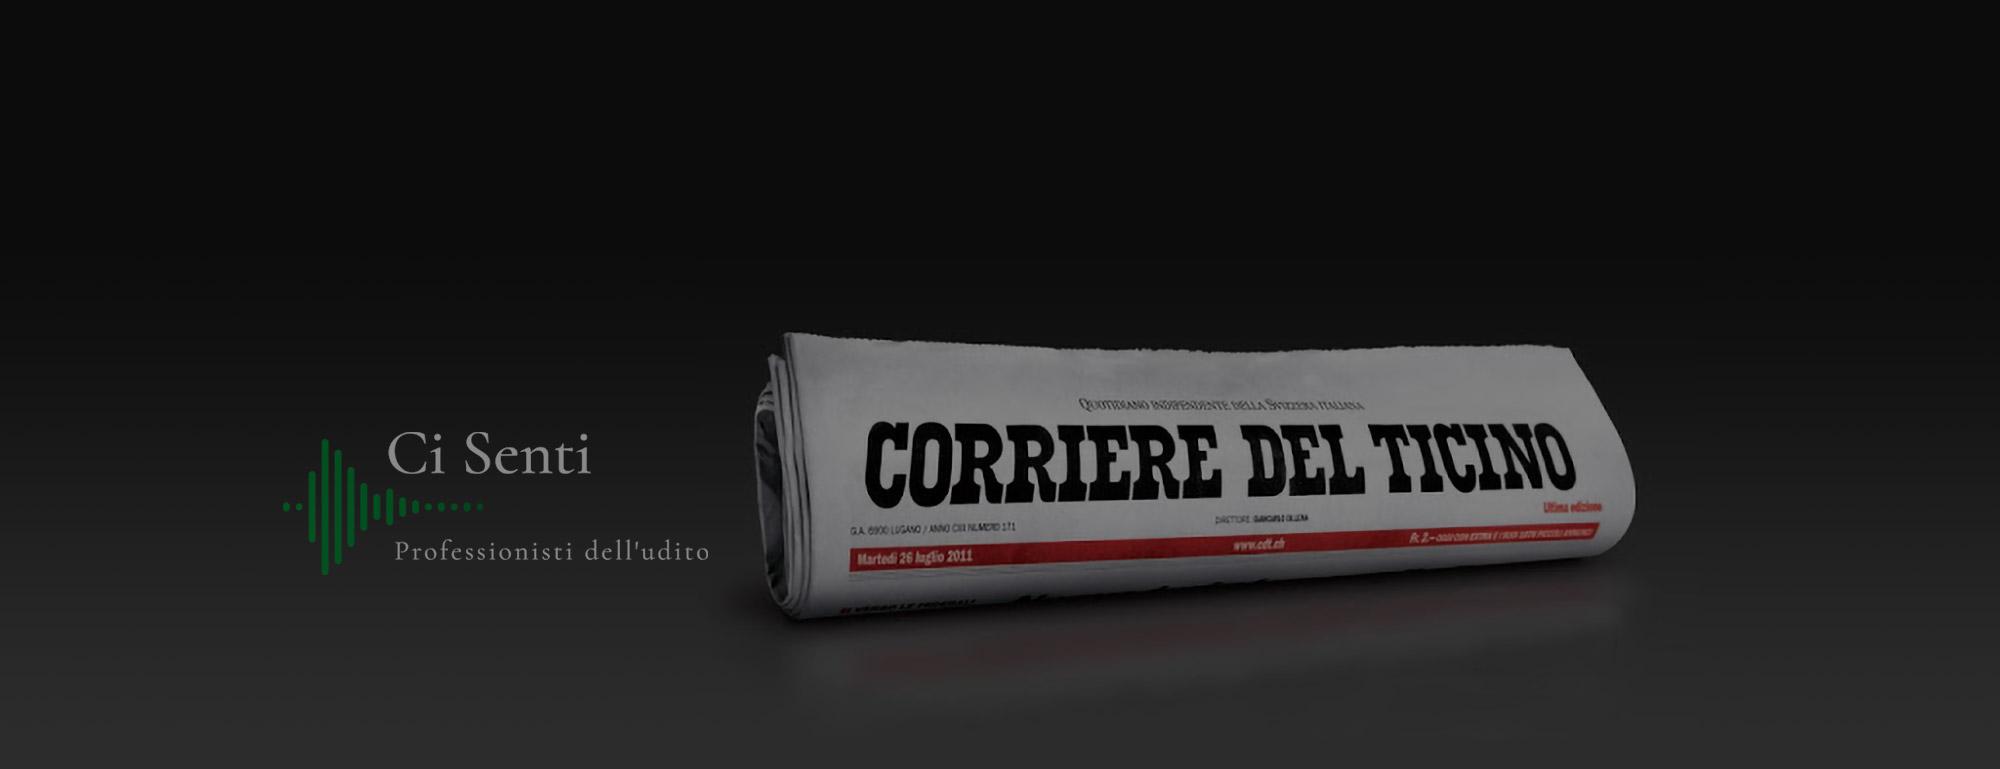 Inserzione Ci Senti Corriere del Ticino